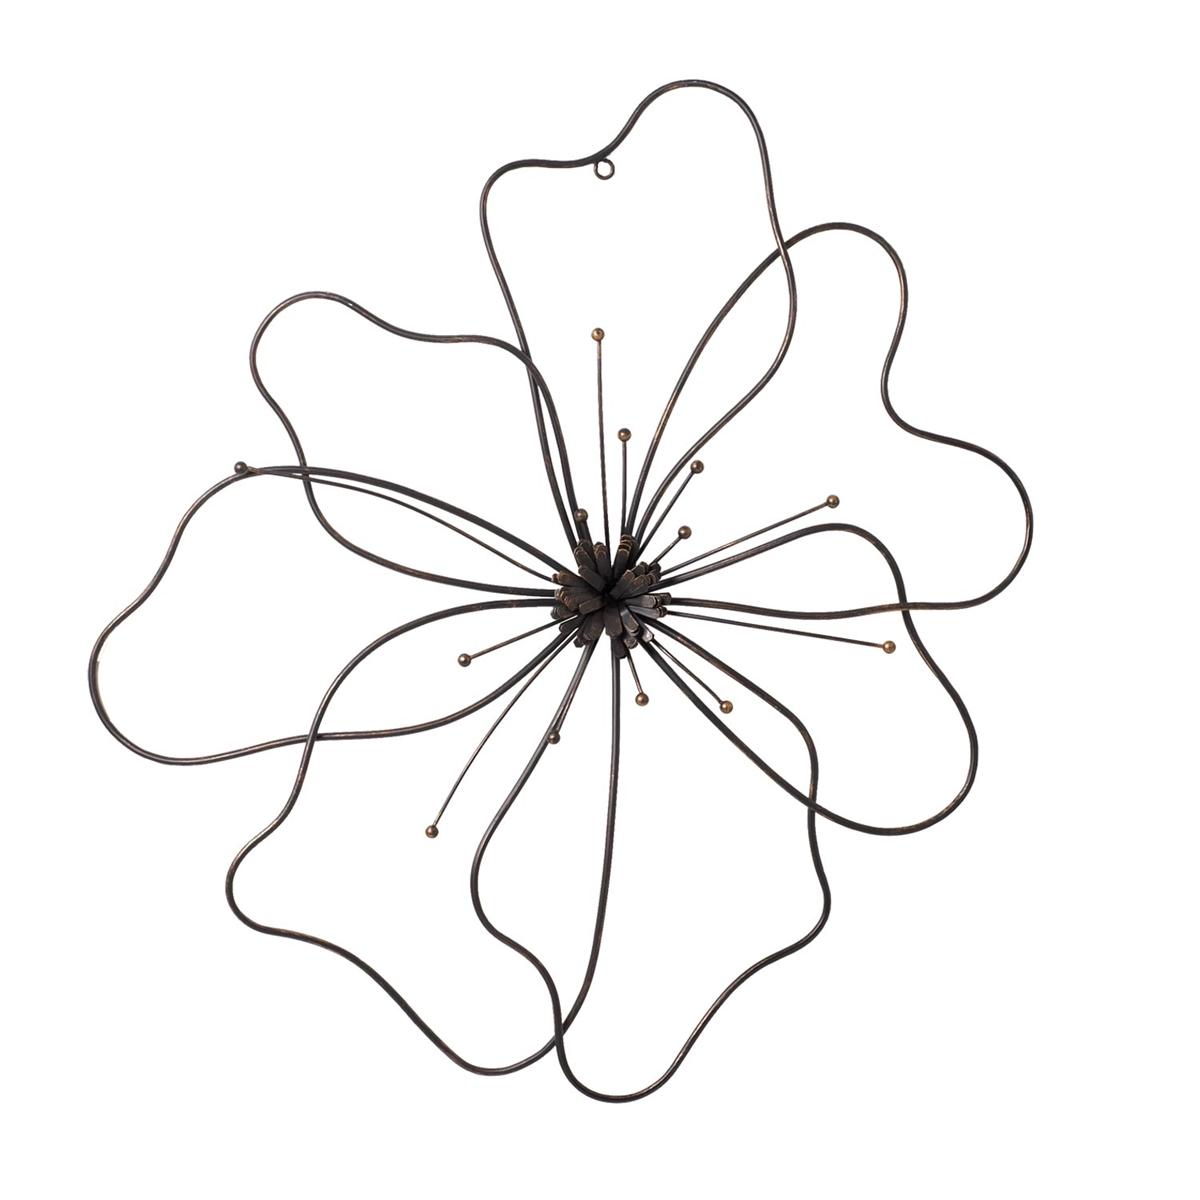 sc 1 st  Plum u0026 Post & Poppy Wall Flower Large Wall Art | Plum u0026 Post